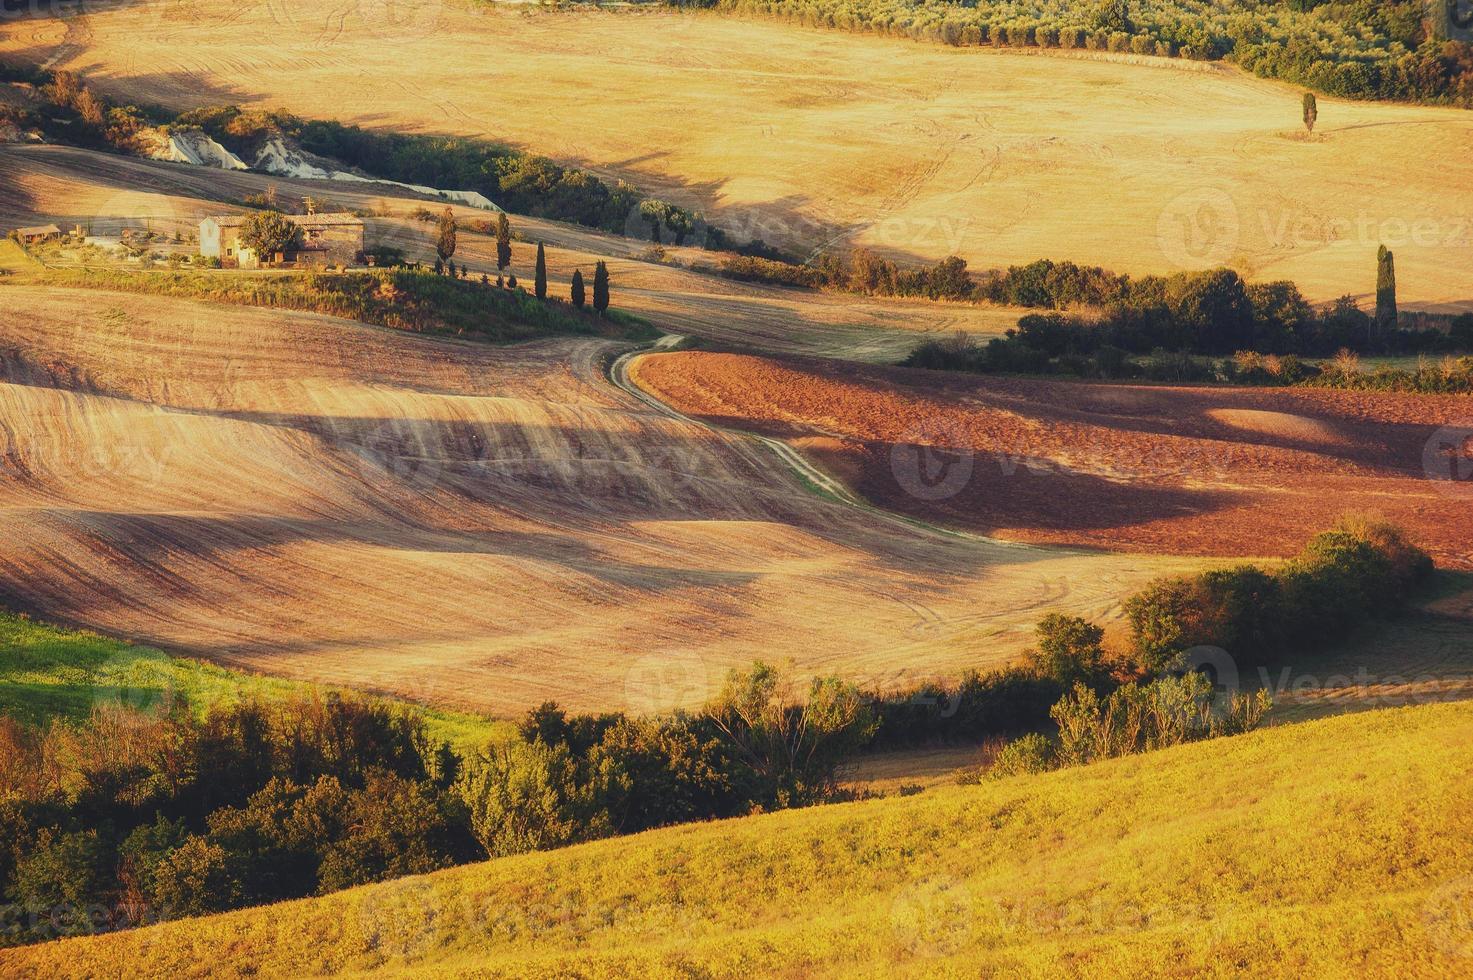 ländliche Landschaft im Licht des Sonnenuntergangs foto